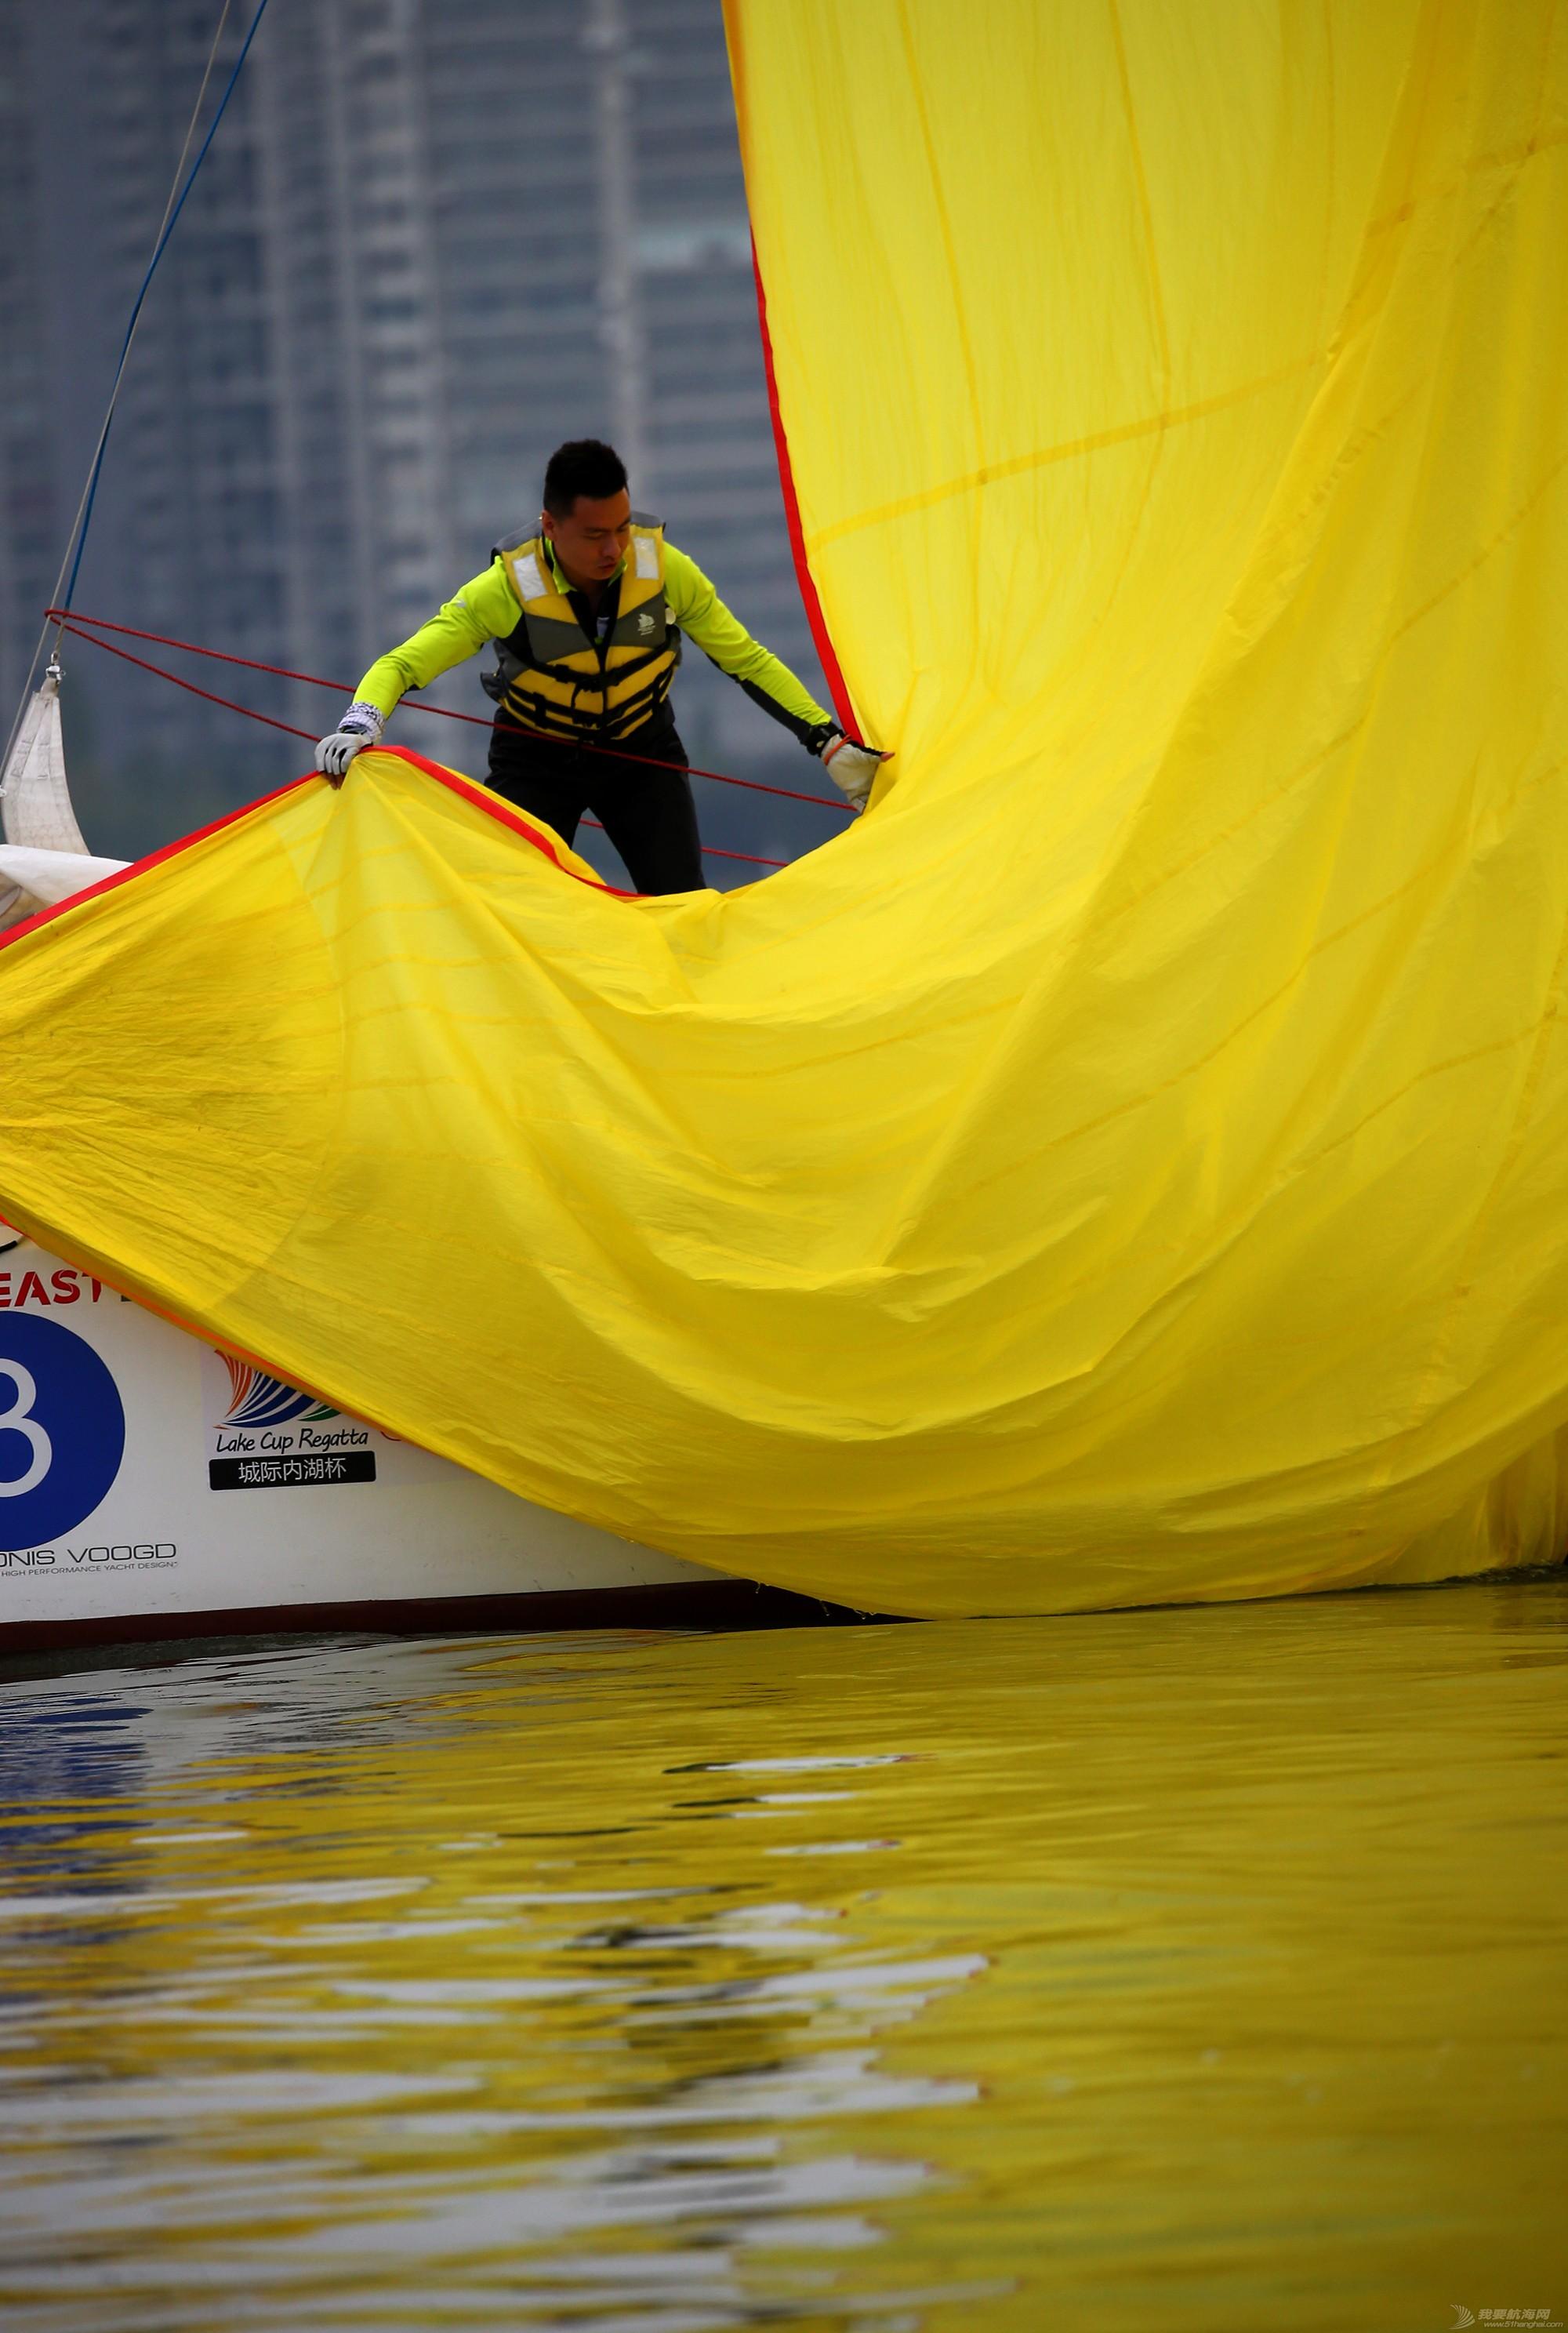 帆船,空间 帆船是灰度空间里跳动的彩色音符 E78W9660.JPG